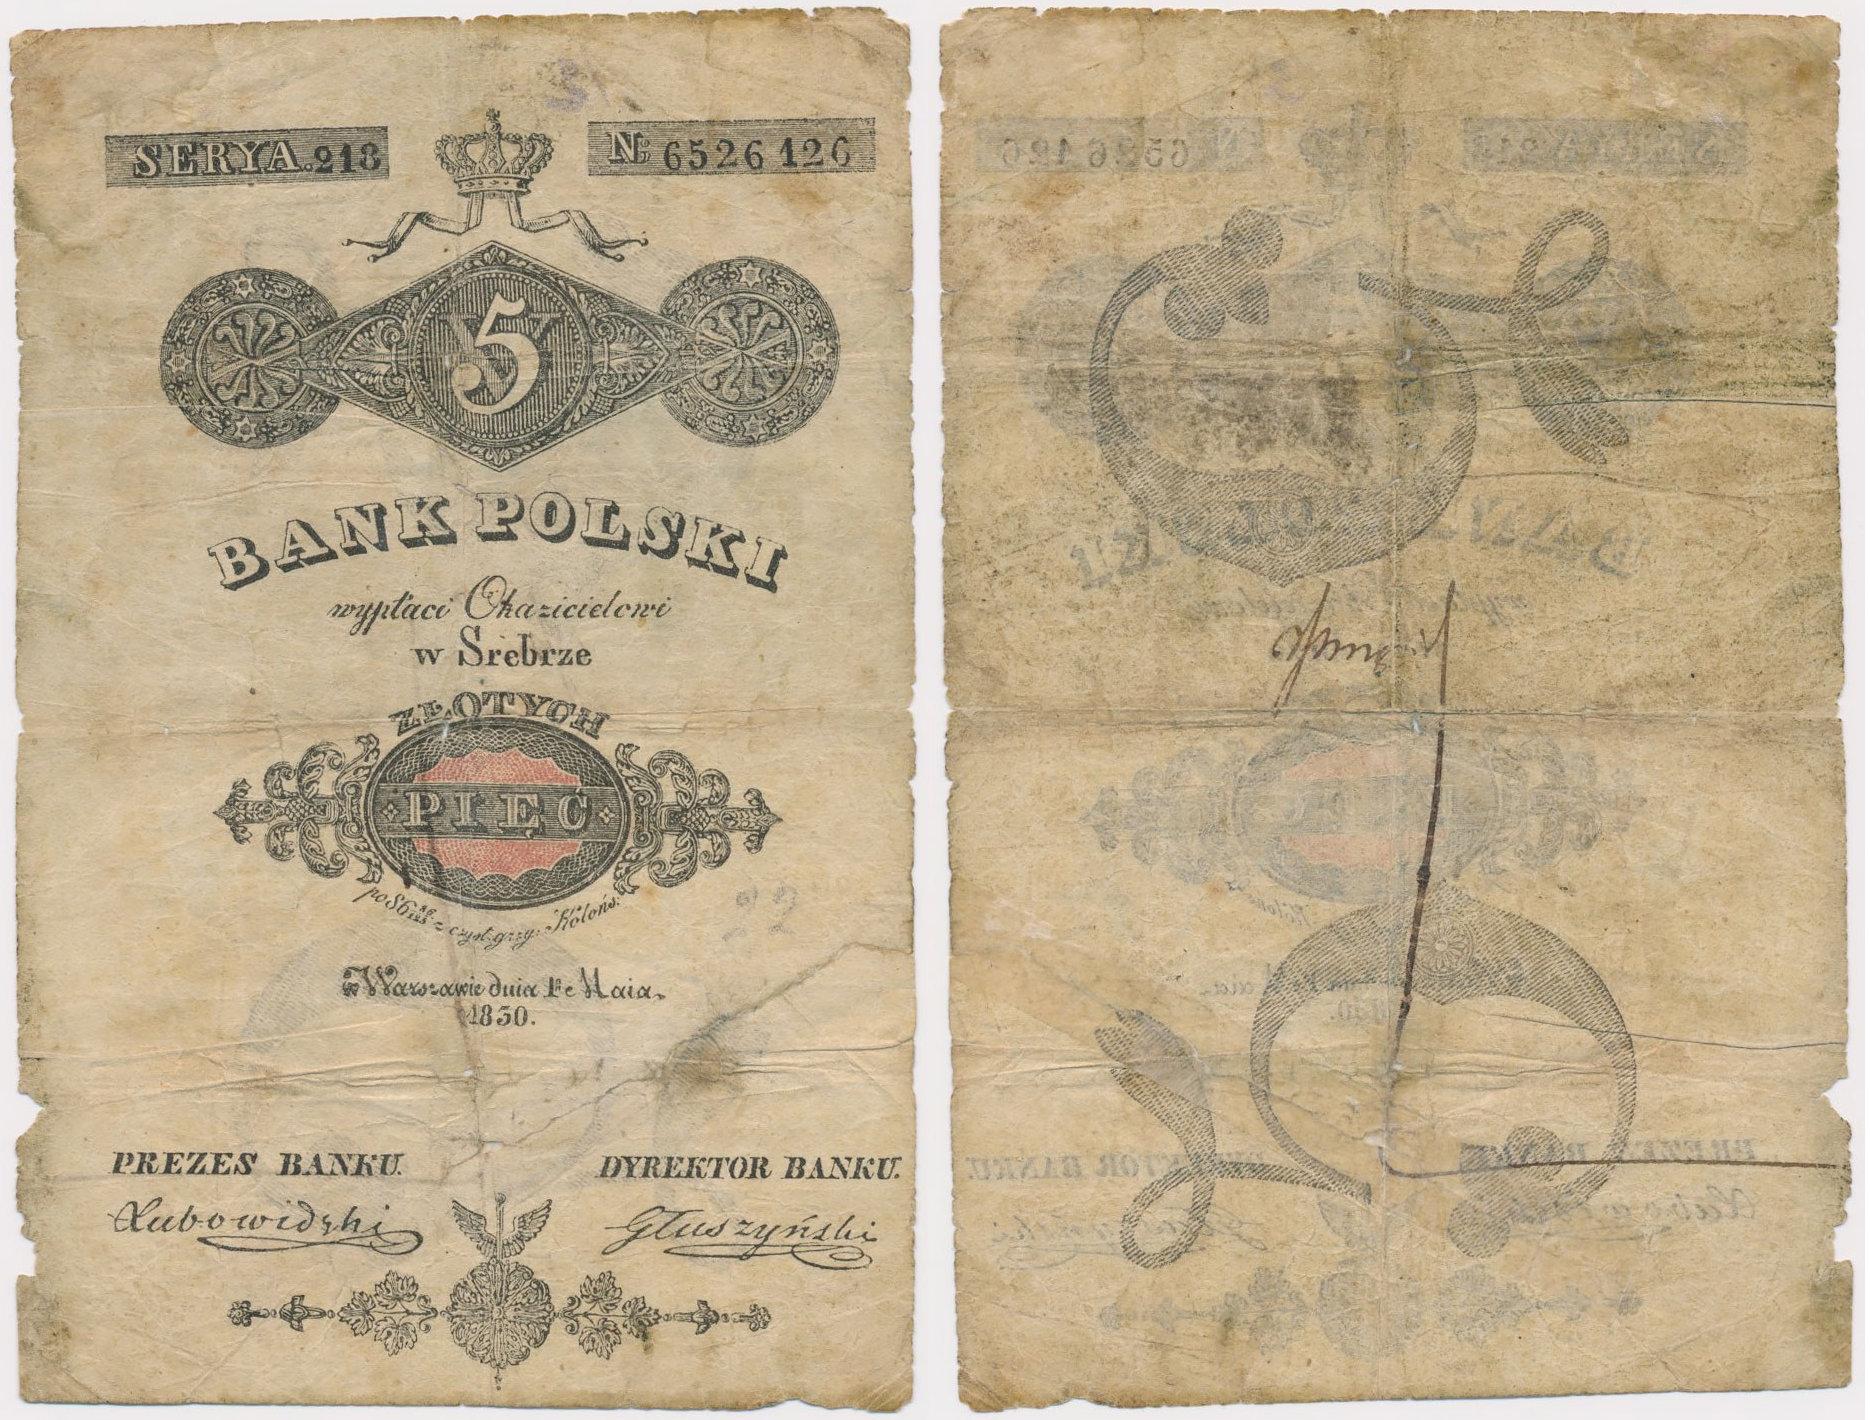 5_z%C5%82otych_polskich_1830_%28banknot%29.jpg